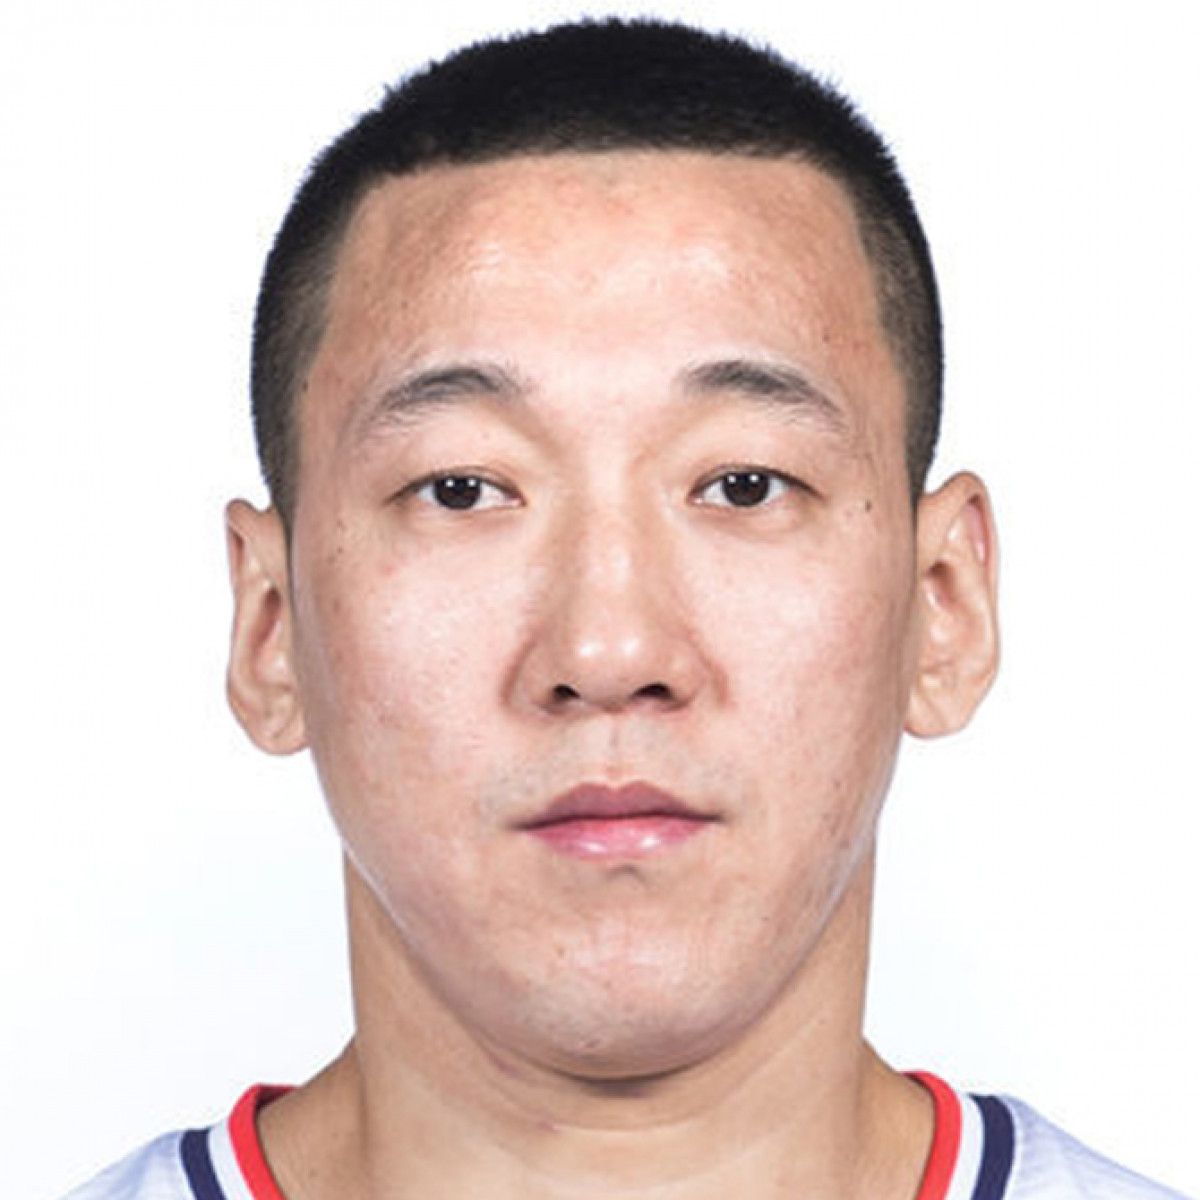 Zhun Zheng